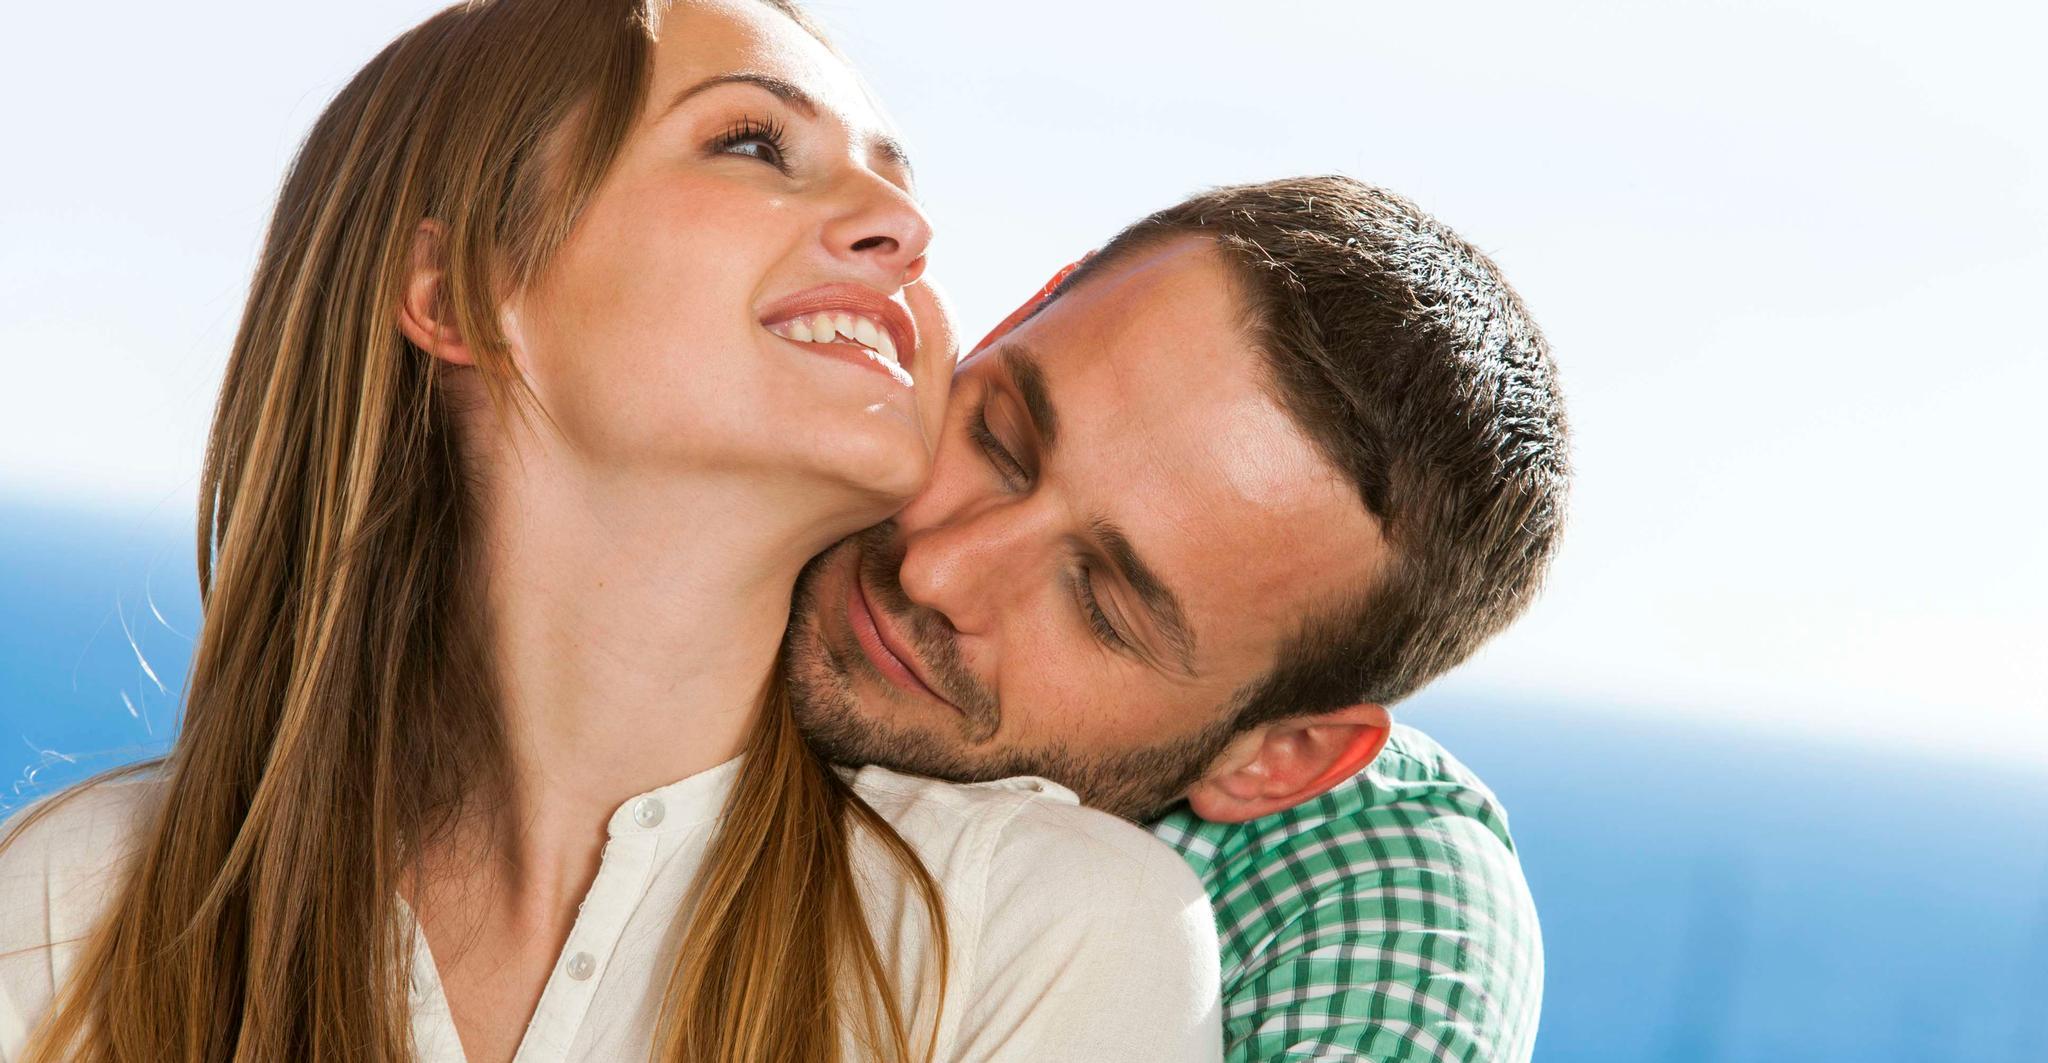 STD dating online